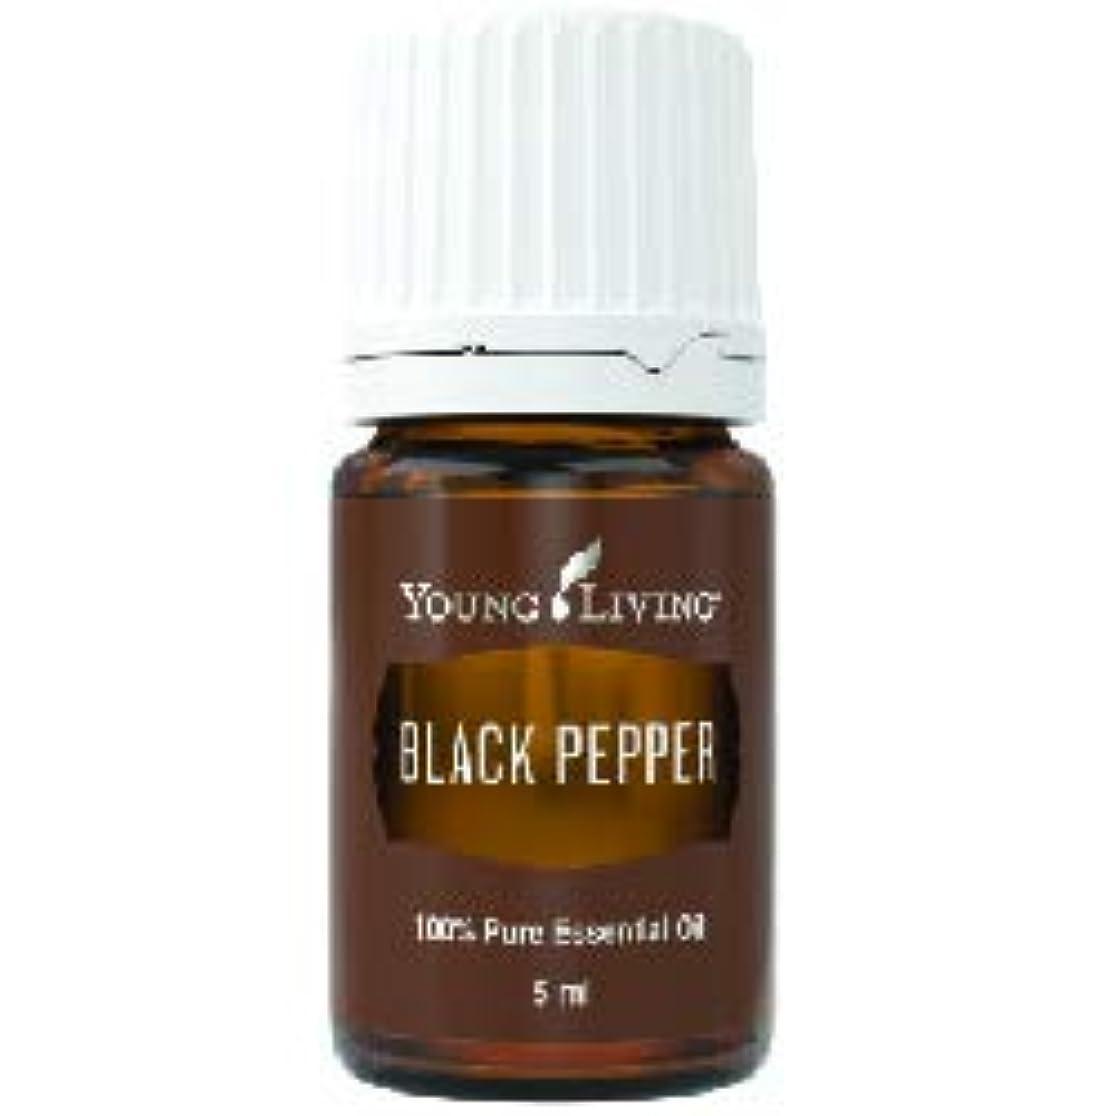 タヒチ逸脱エッセイブラックペッパーエッセンシャルオイル 5 ml byヤングリビングエッセンシャルオイルマレーシア Black Pepper Essential Oil 5 ml by Young Living Essential Oil...